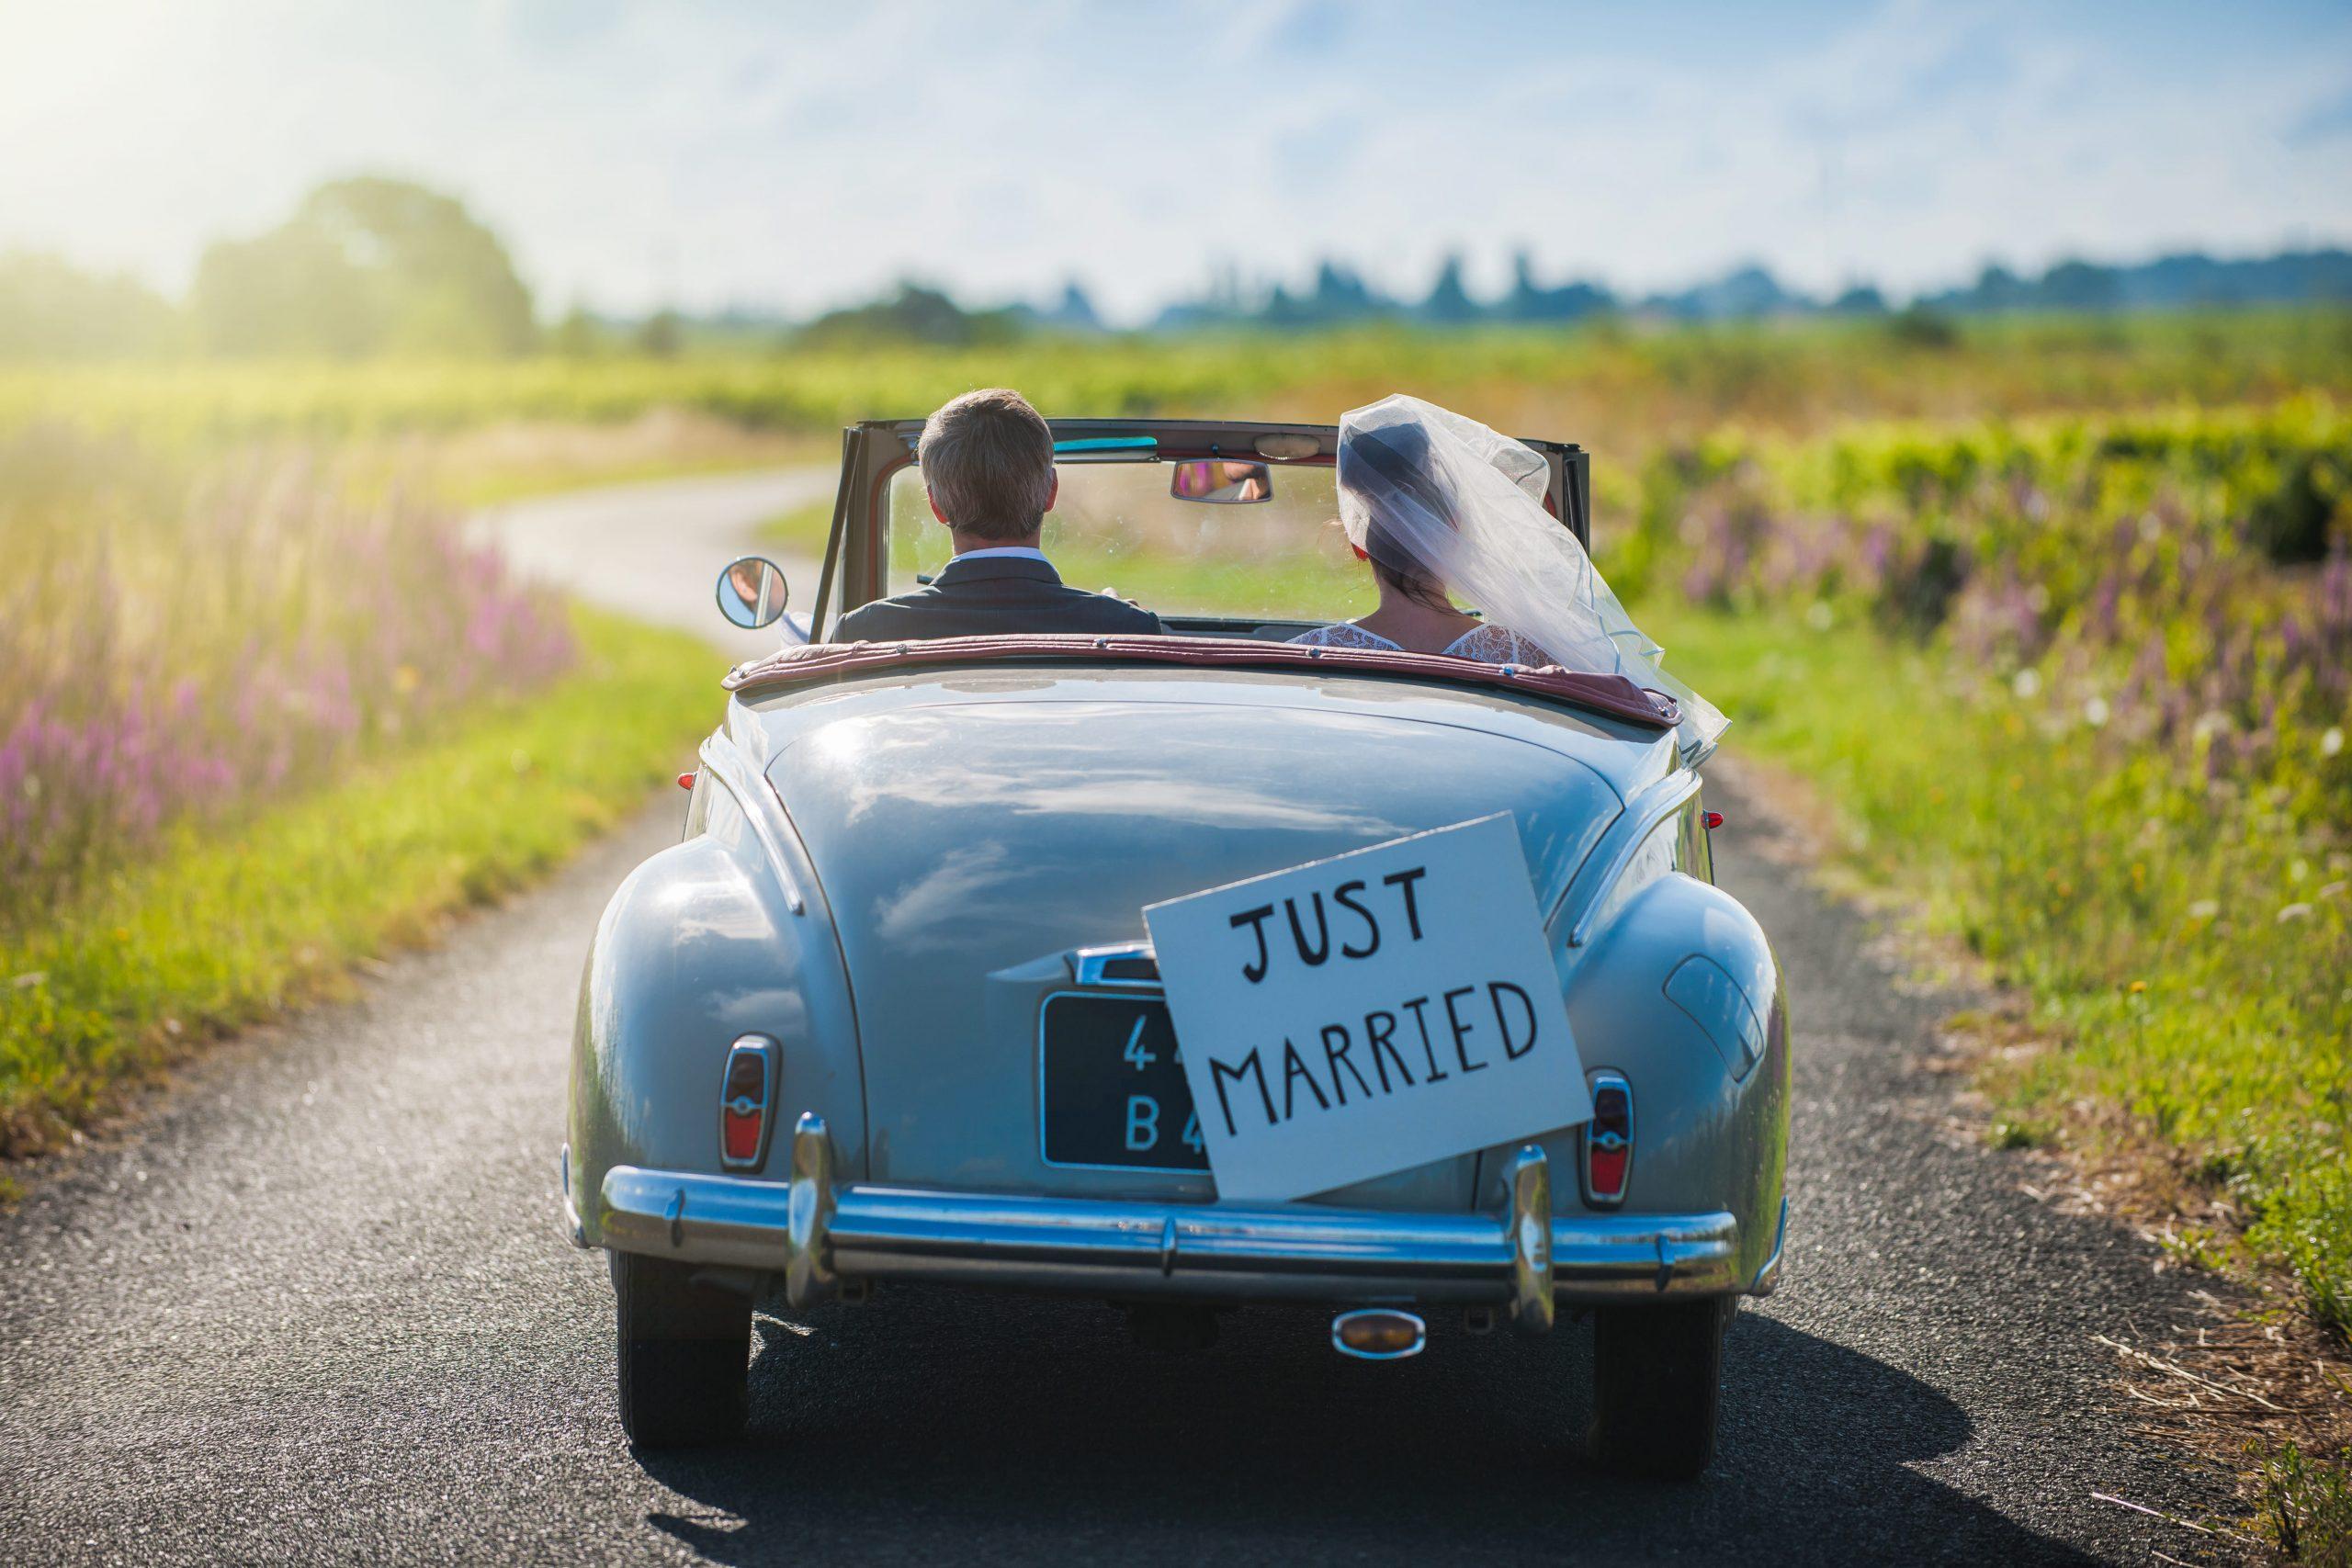 「結婚」とは?令和だからこそ改めて考えたい結婚の意味